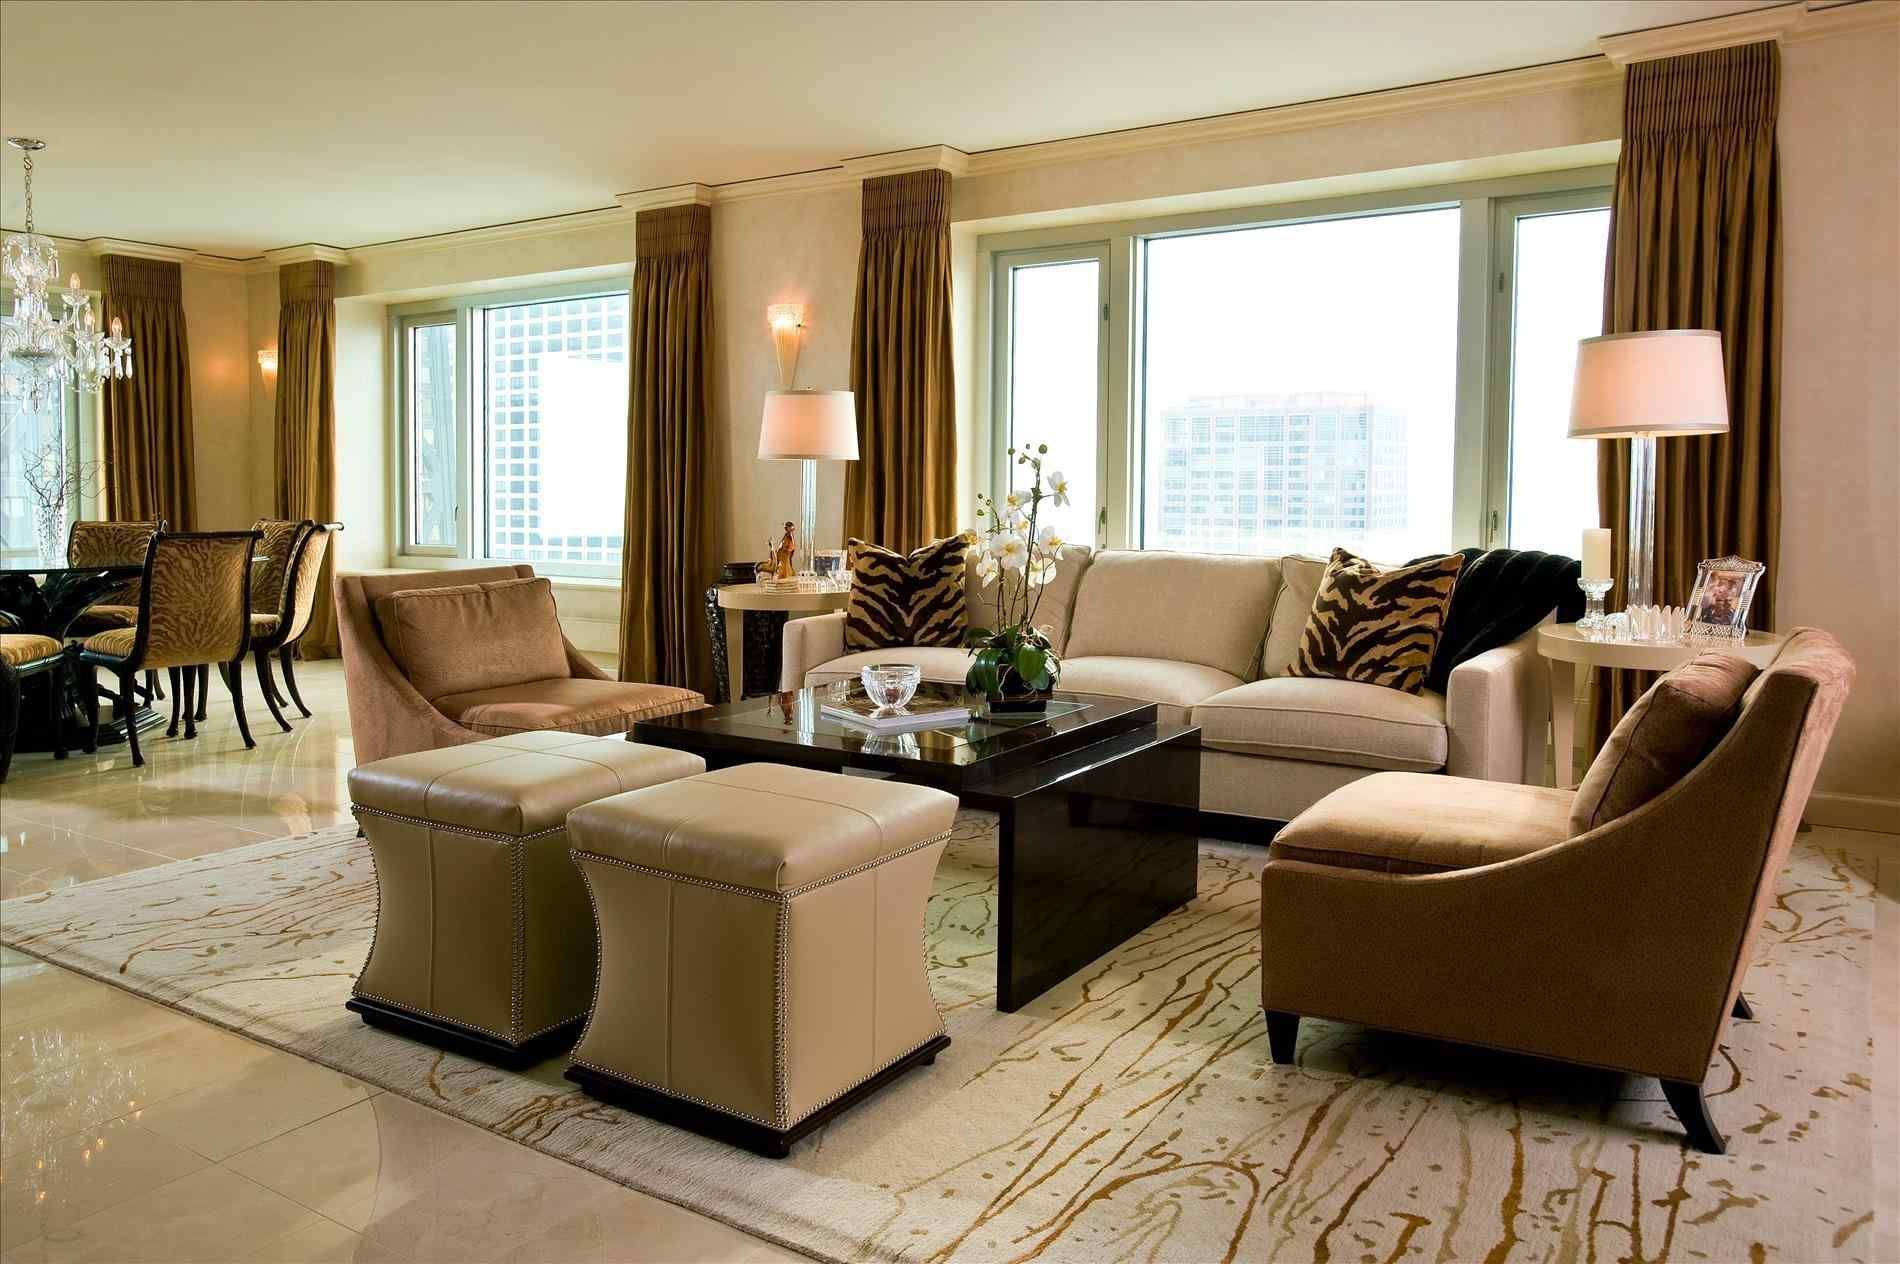 image result for furniture setup for rectangular living